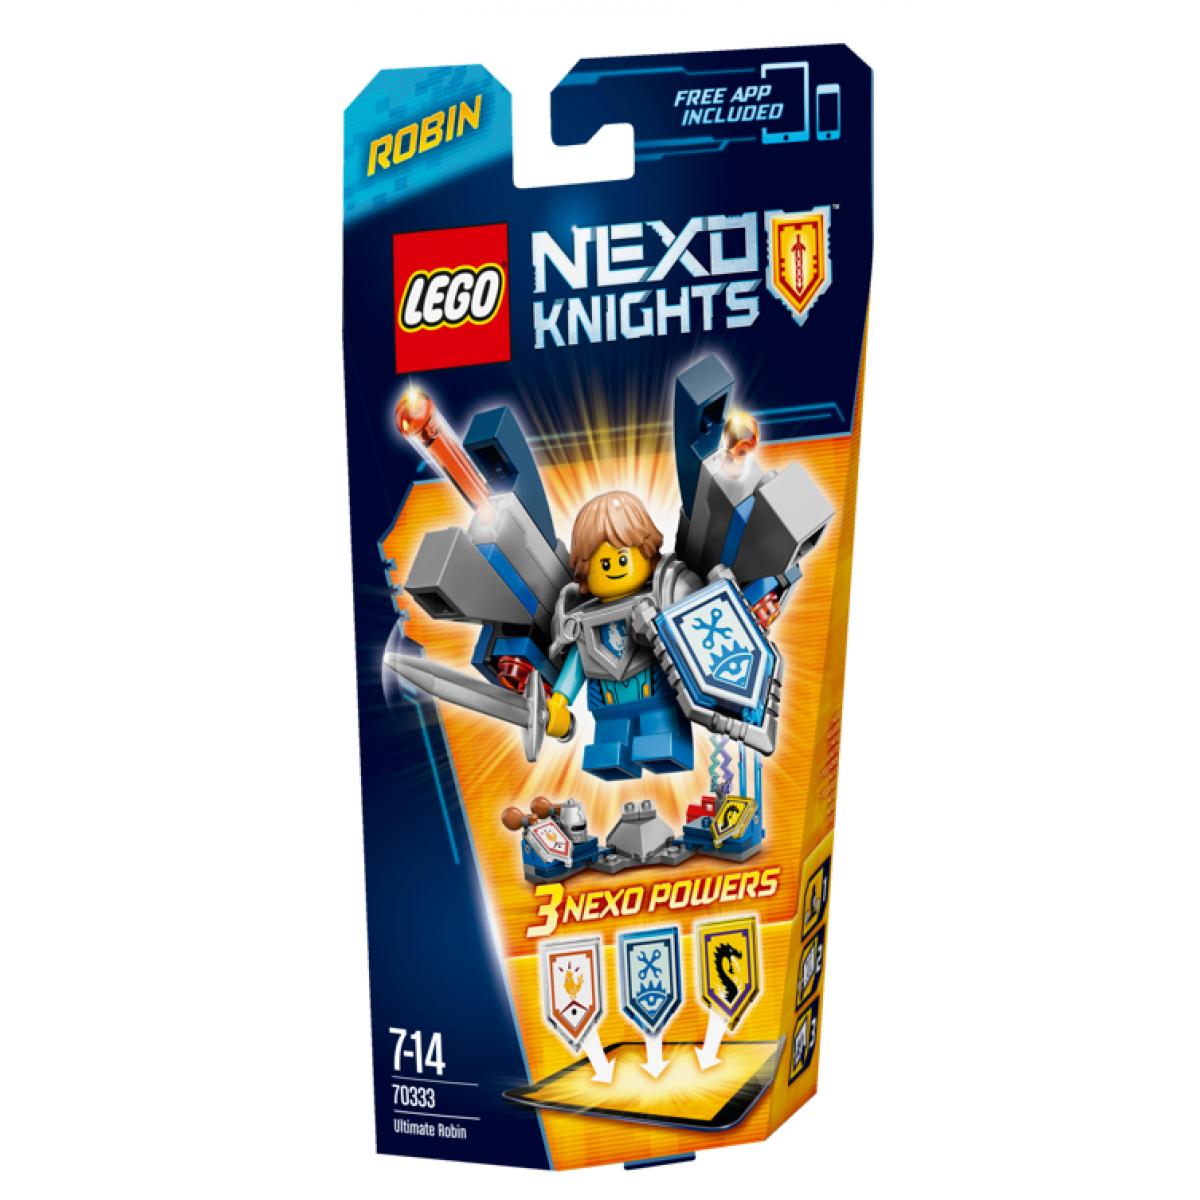 LEGO Nexo Knights 70333 Úžasný Robin